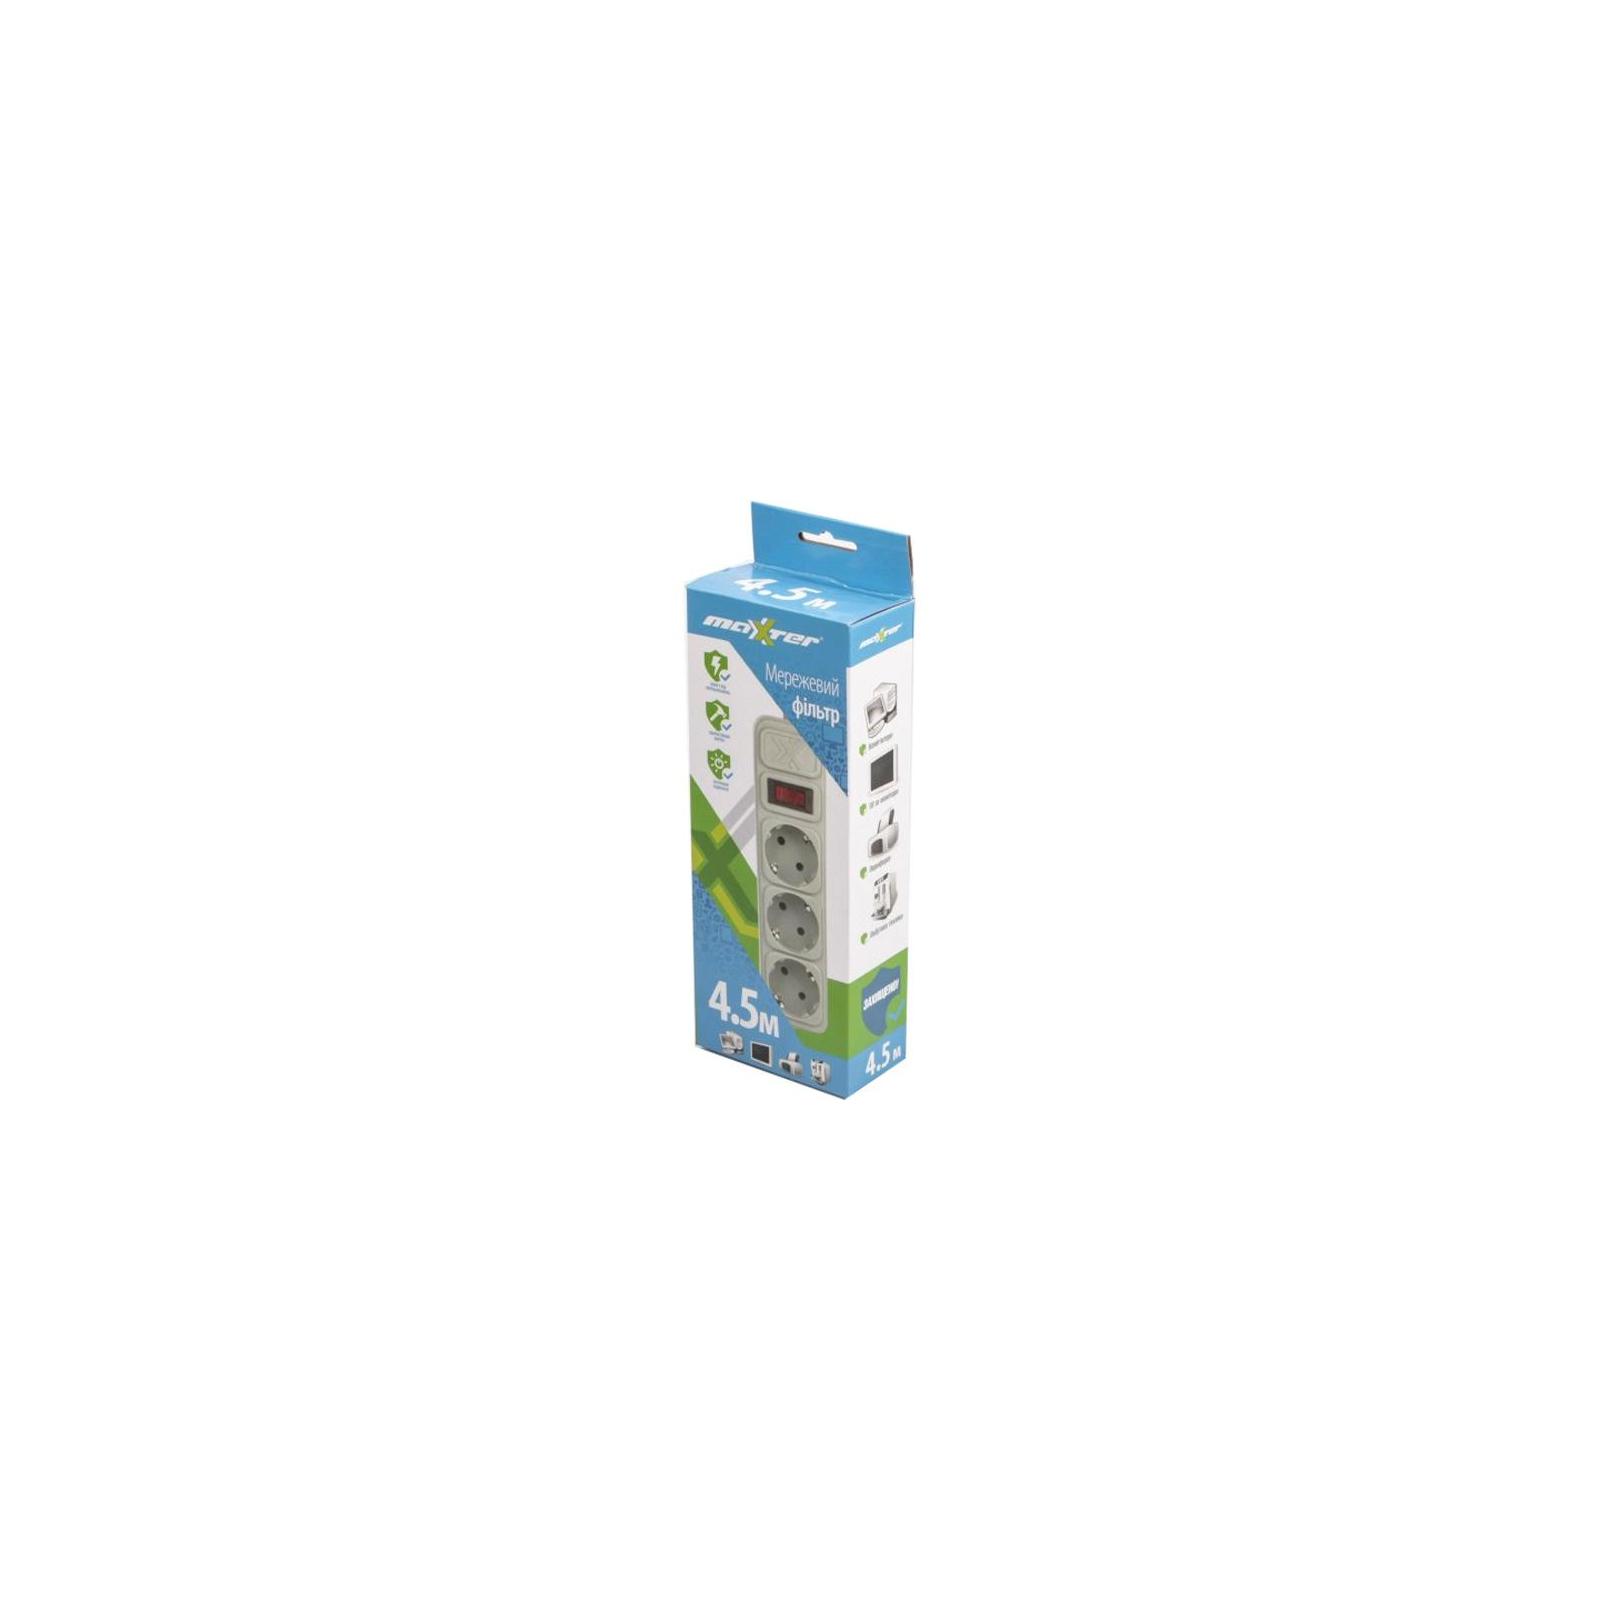 Сетевой фильтр питания Maxxter SPM3-G-15G grey, 4.5 м кабель, 3 розетки (SPM3-G-15G) изображение 2